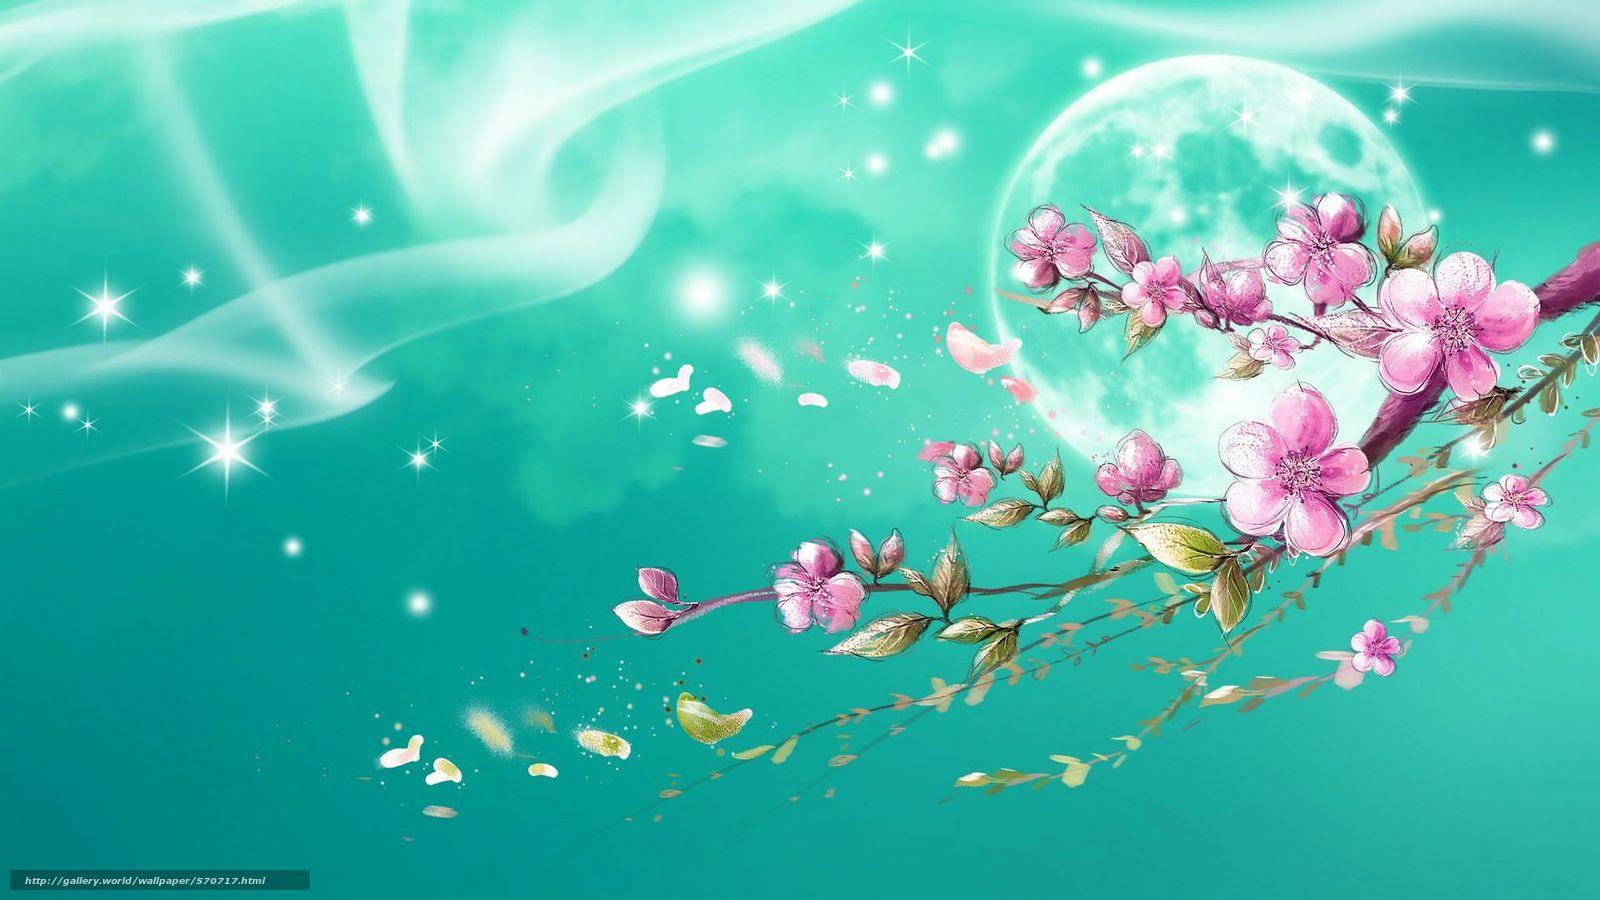 壁紙をダウンロード ムーン, ブランチ, 星, 桜 ...: ja.gde-fon.com/download/wall/570717/1920x1080